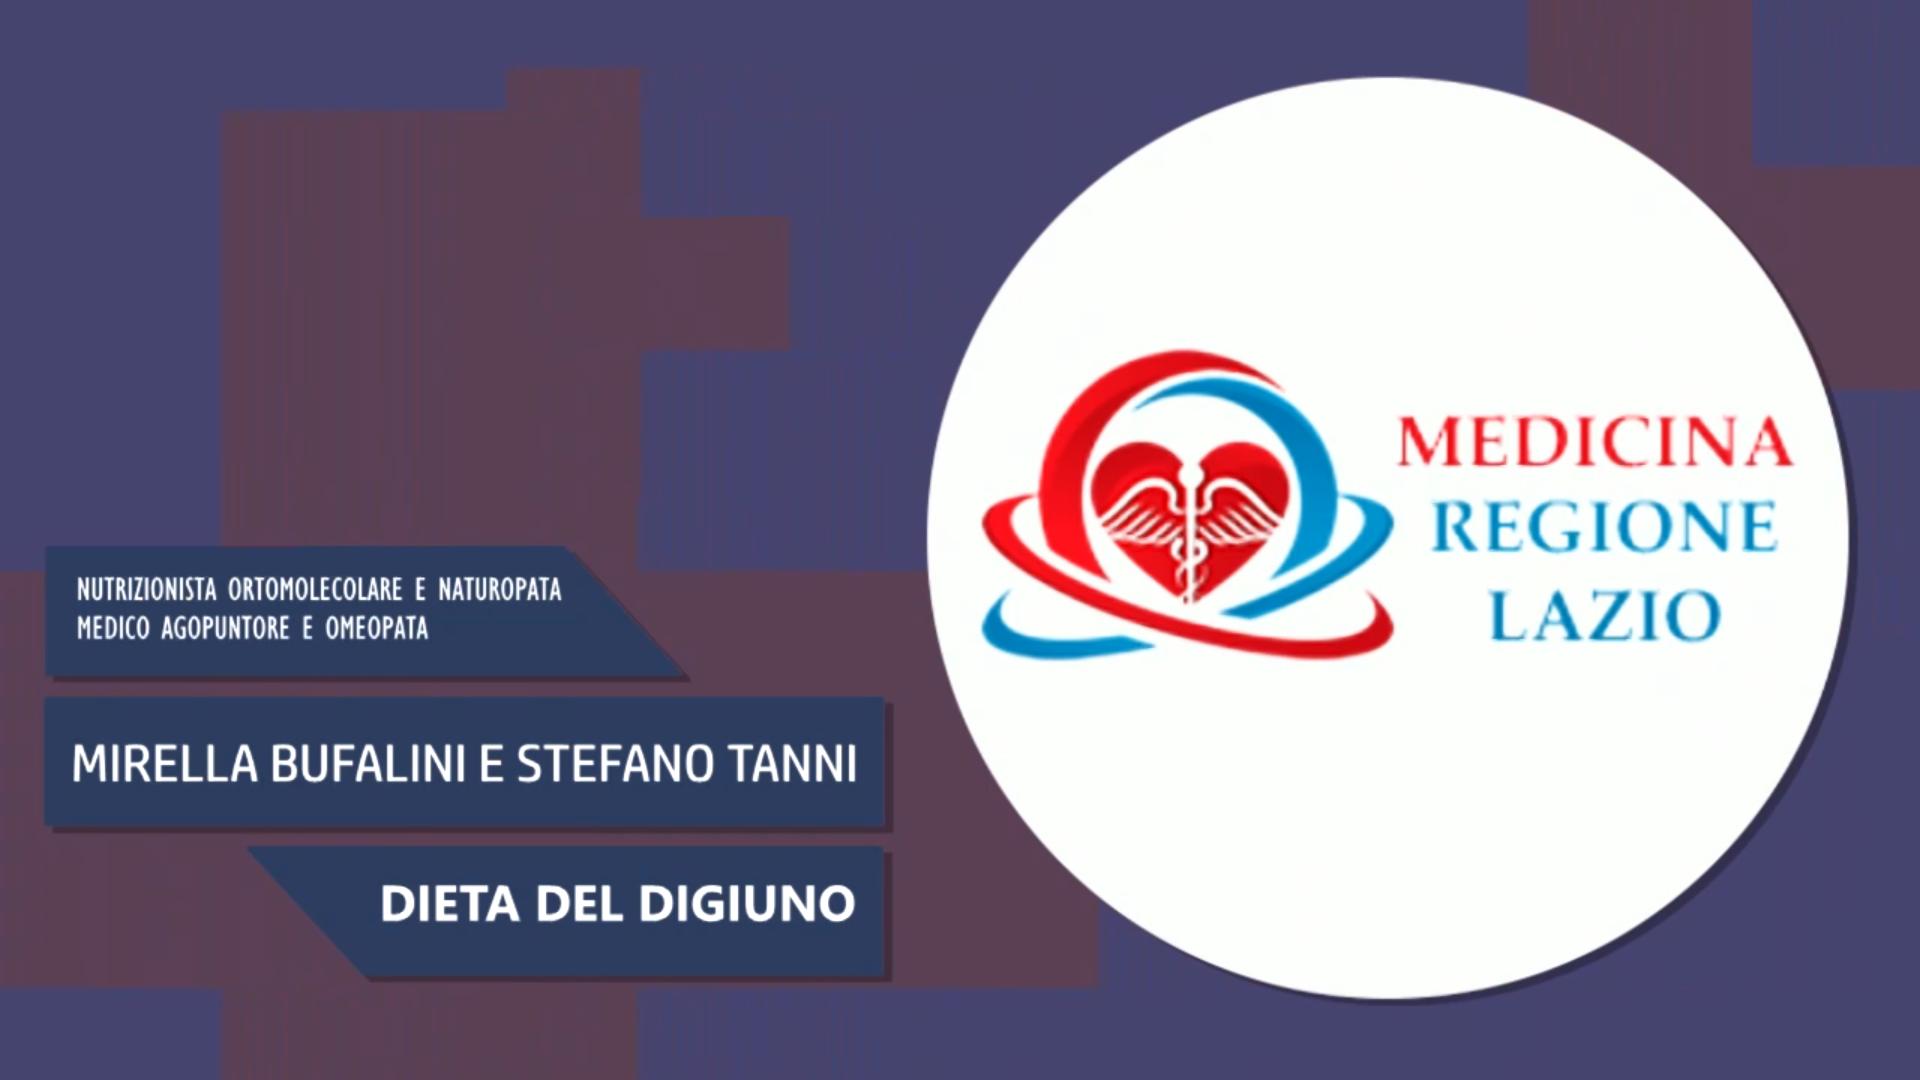 Intervista alla Dott.ssa Mirella Bufalini e al Dott. Stefano Tanni – Dieta del digiuno